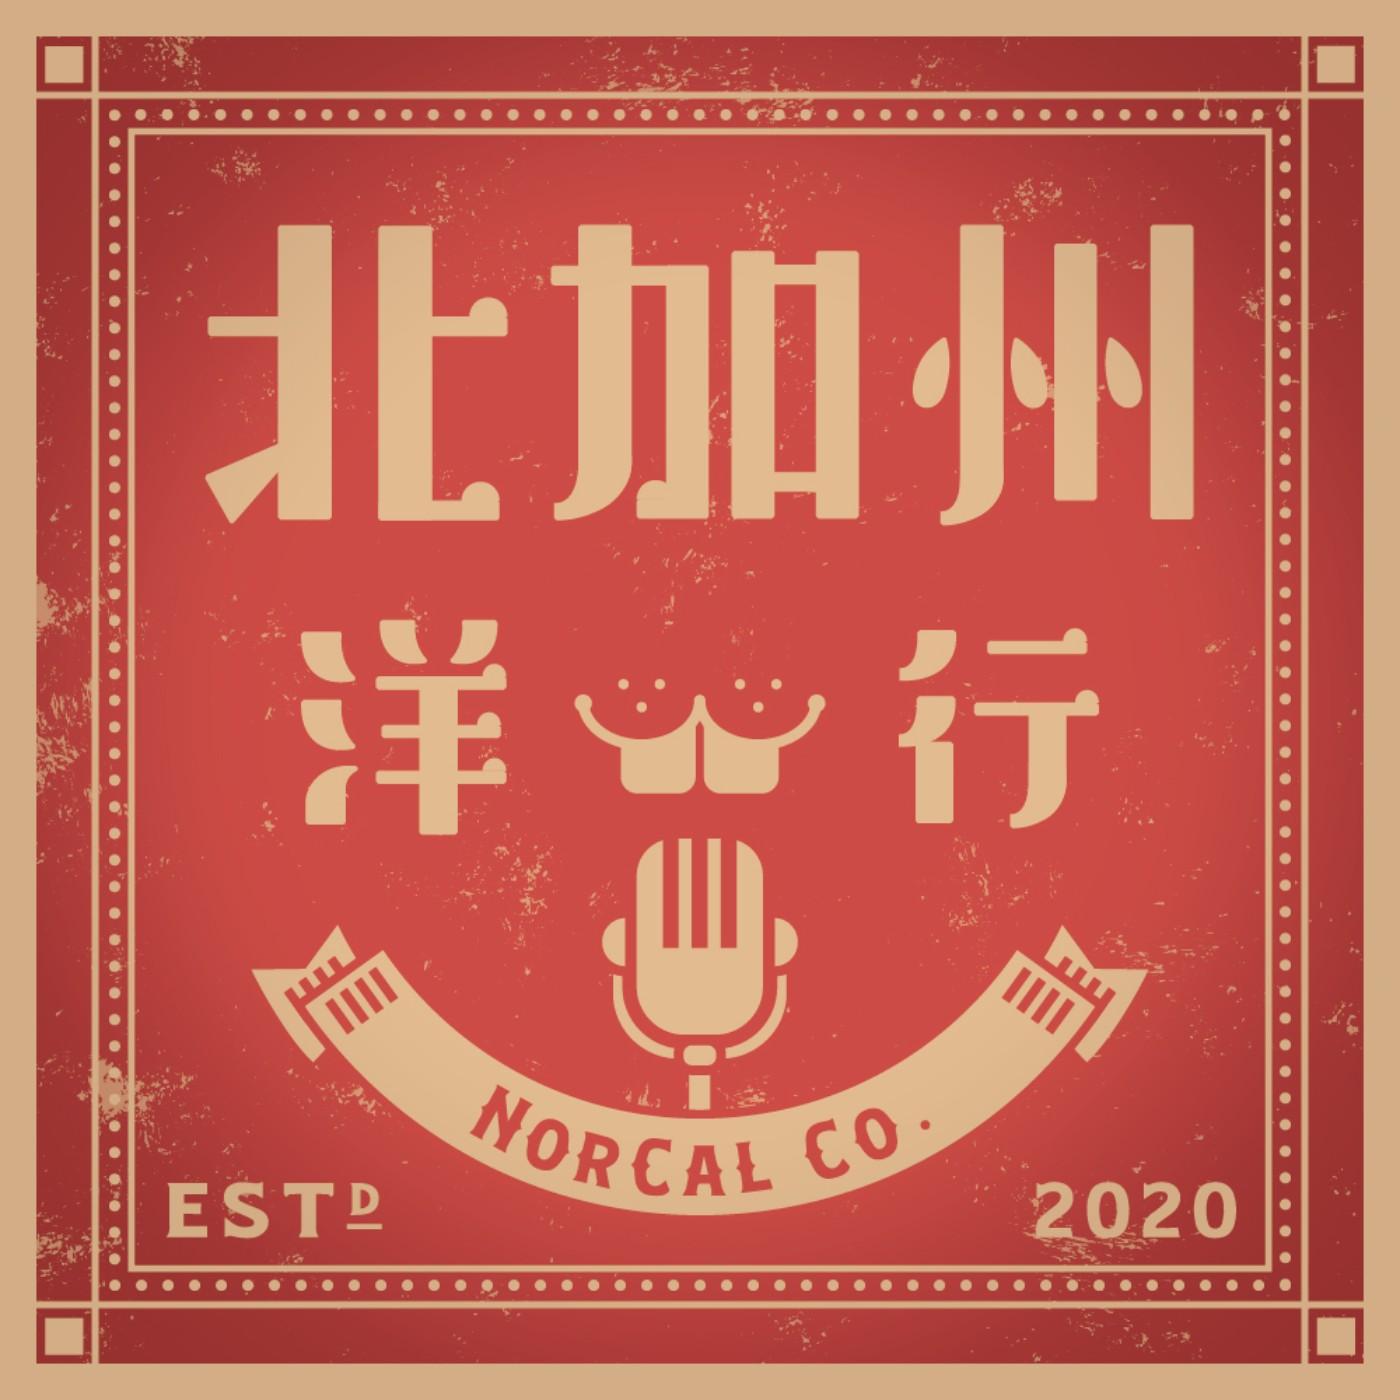 北加州洋行 NorCal Co.